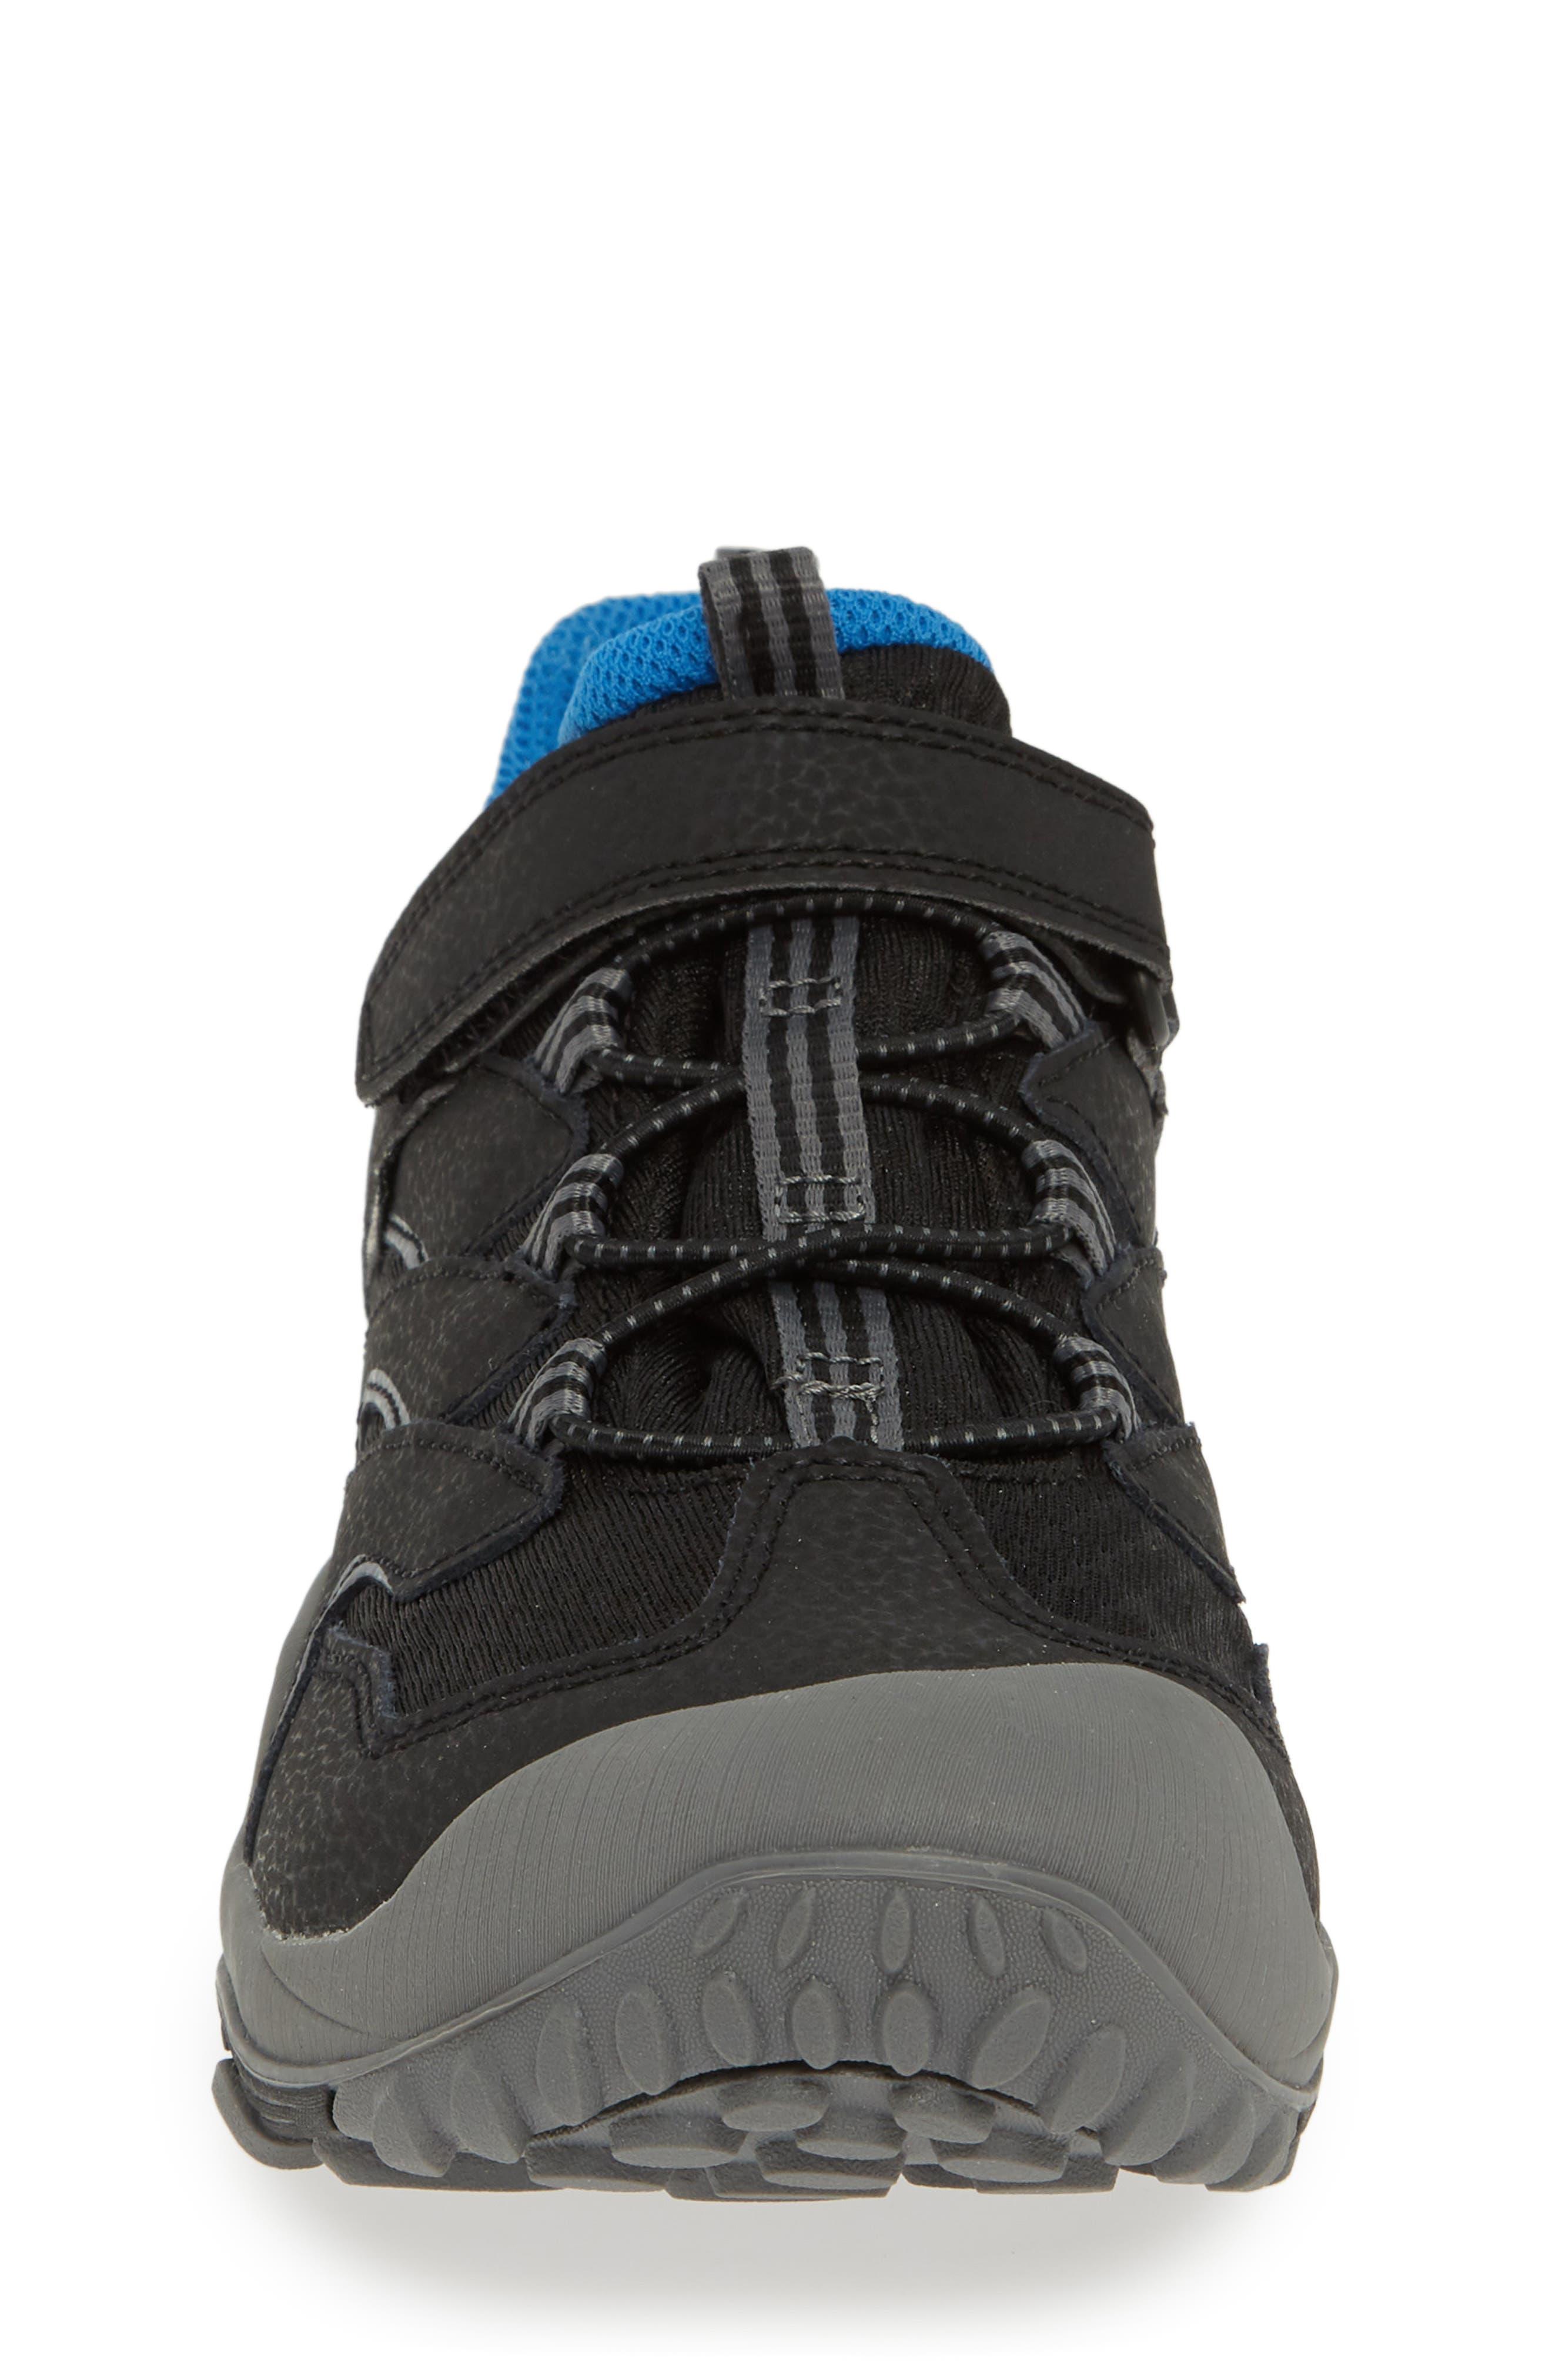 Chameleon 7 Waterproof Sneaker,                             Alternate thumbnail 4, color,                             BLACK